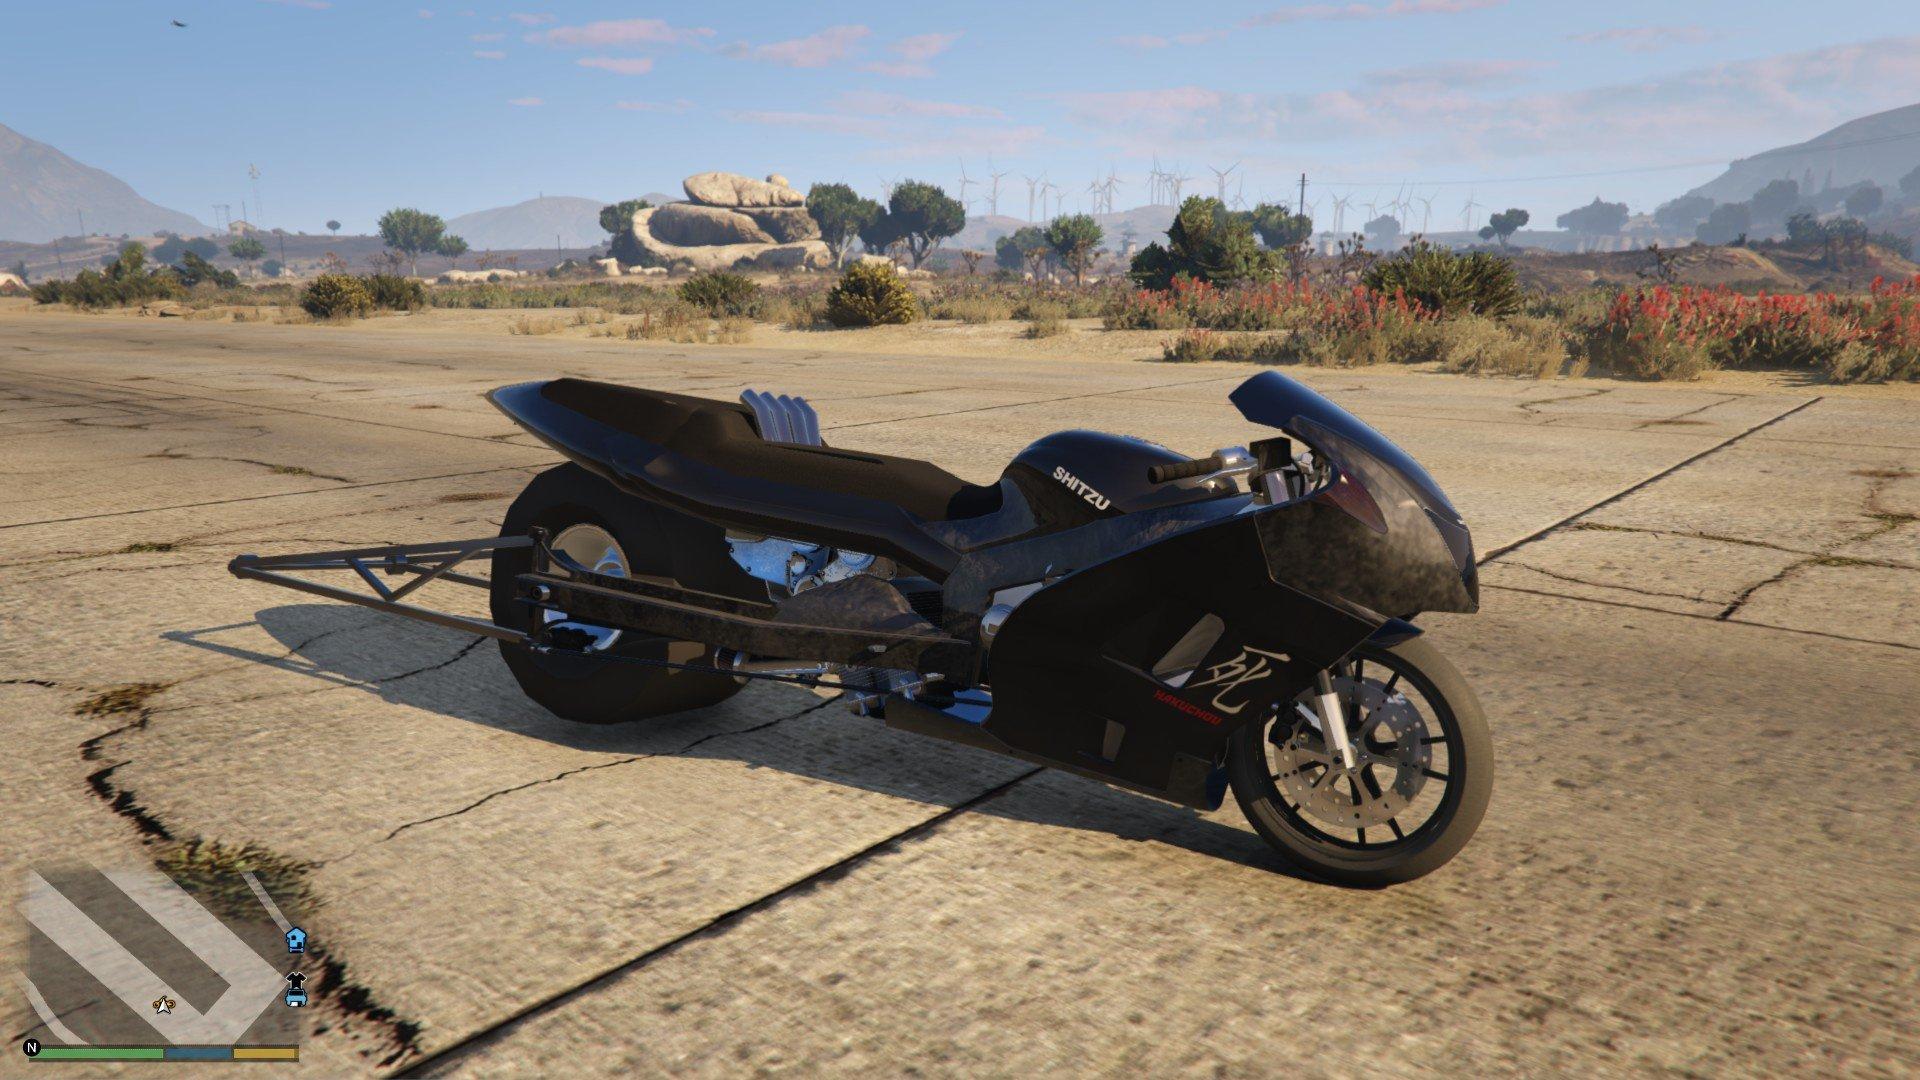 download drag racing bike mod apk bahasa indonesia